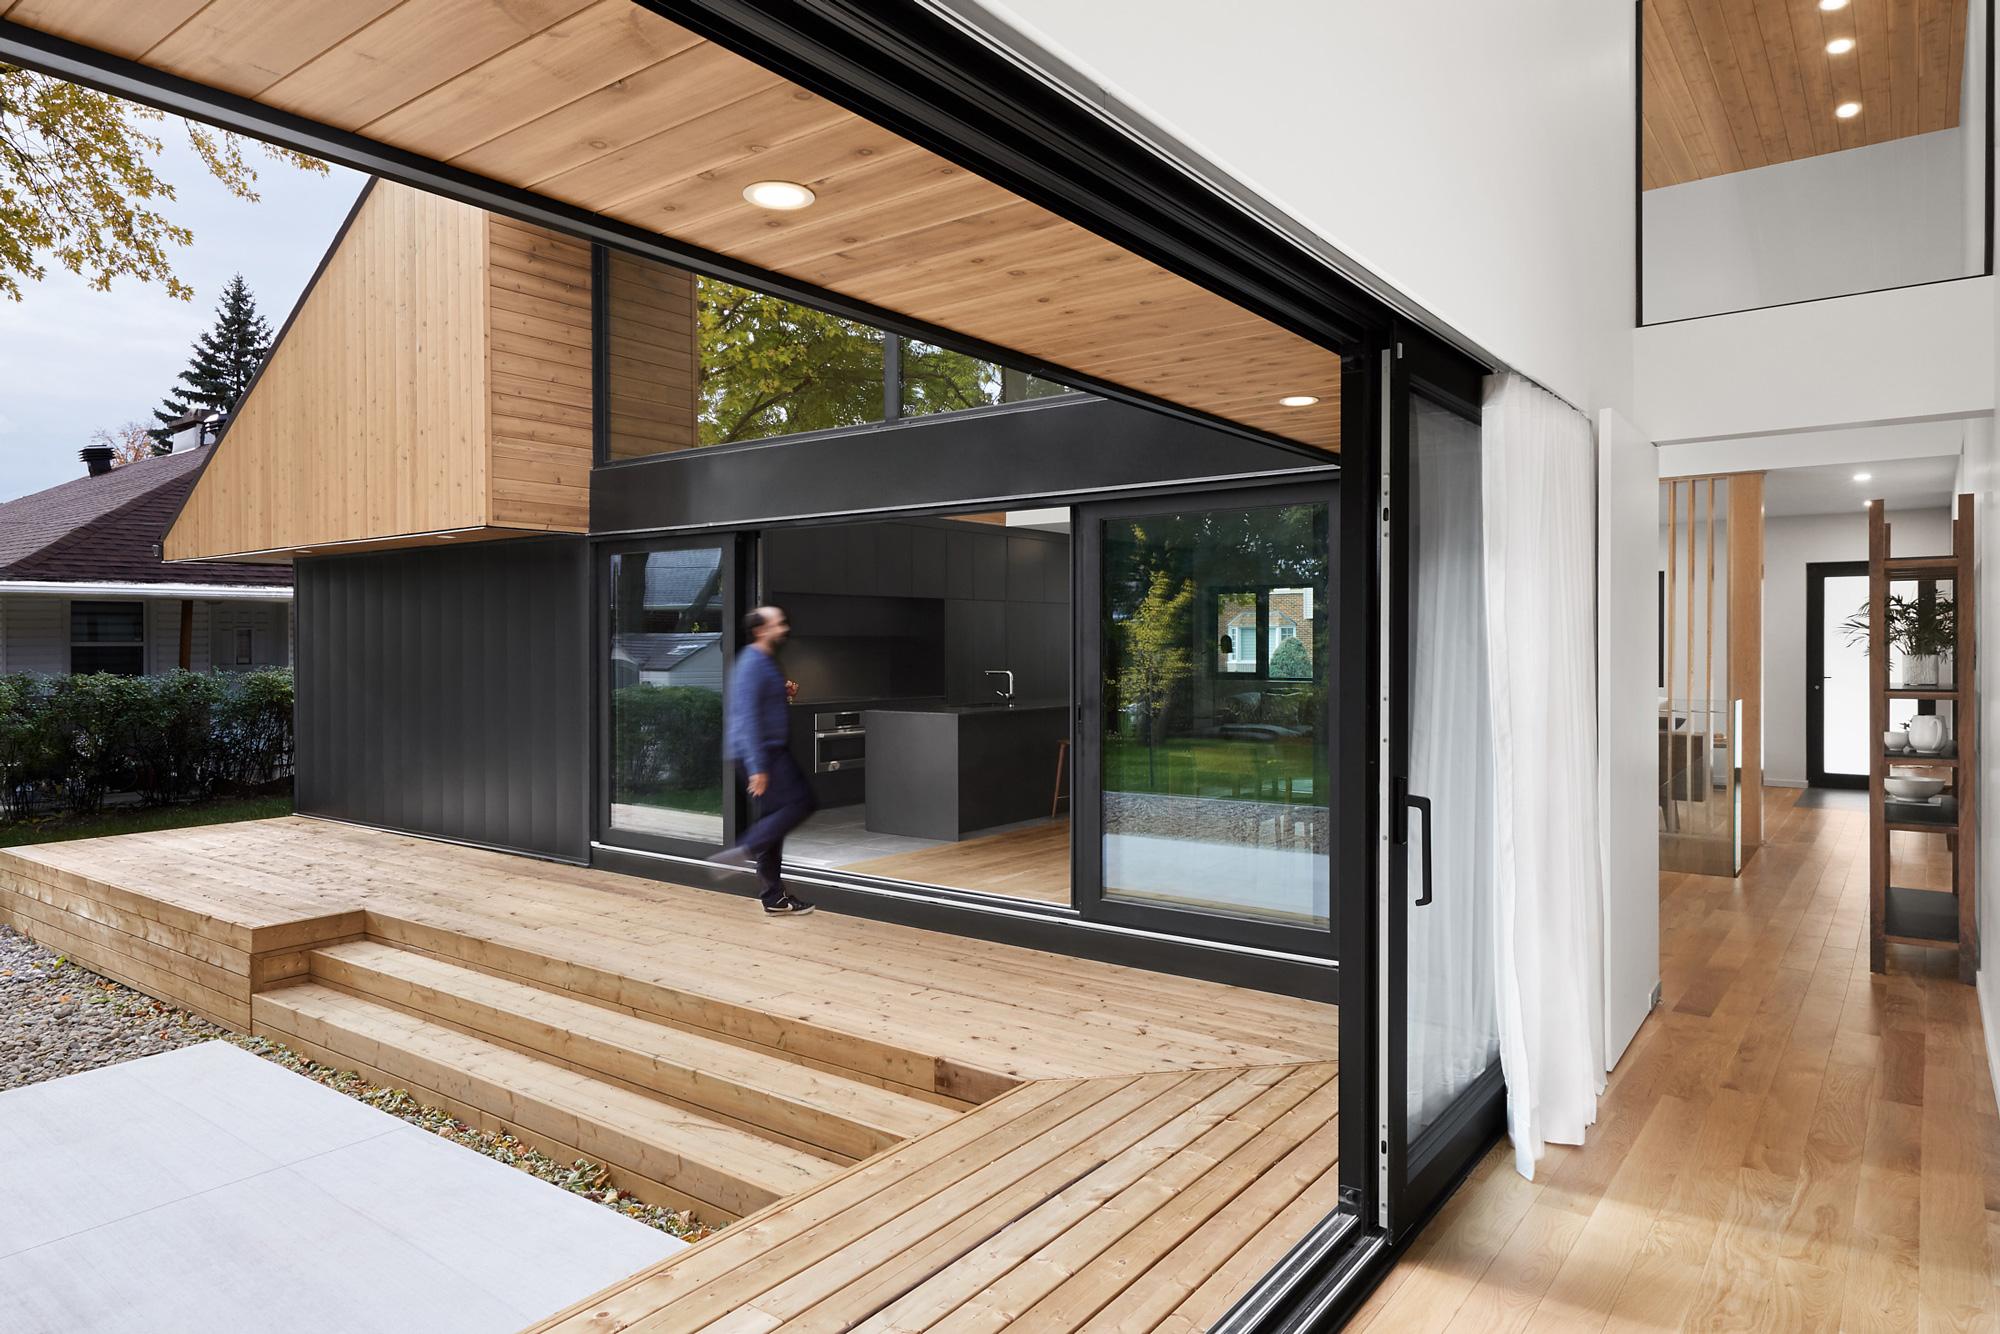 Vue exterieure interieur maison porte-patio